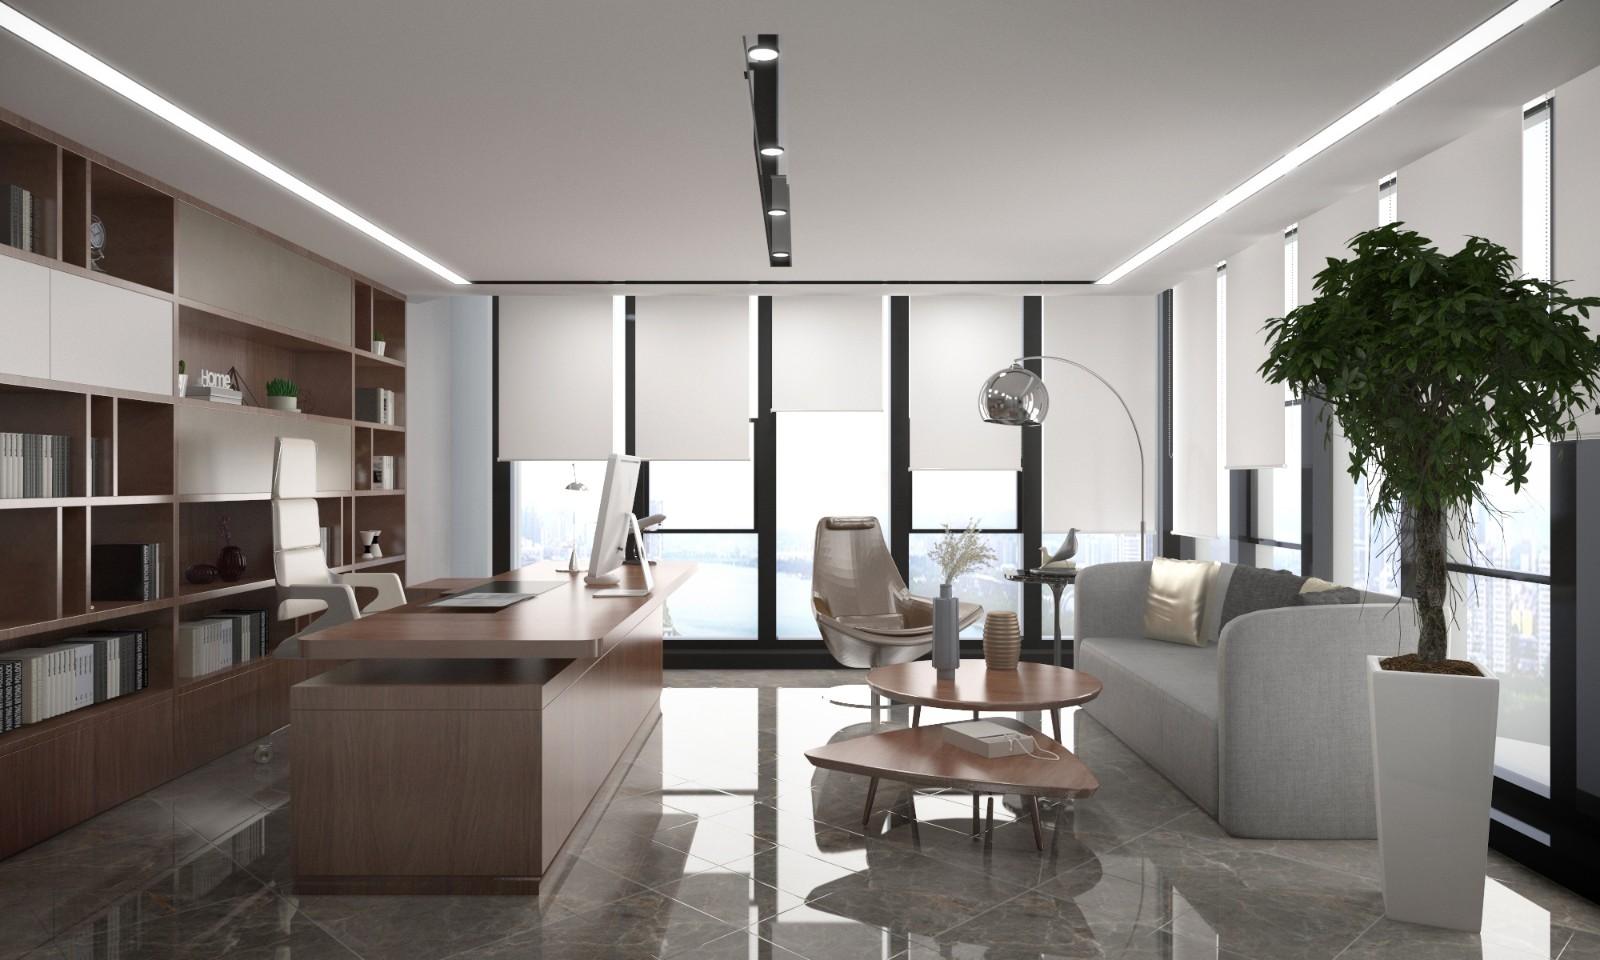 设计样板房主卧_样板房设计装修相关-深圳市唯创装饰设计工程有限公司